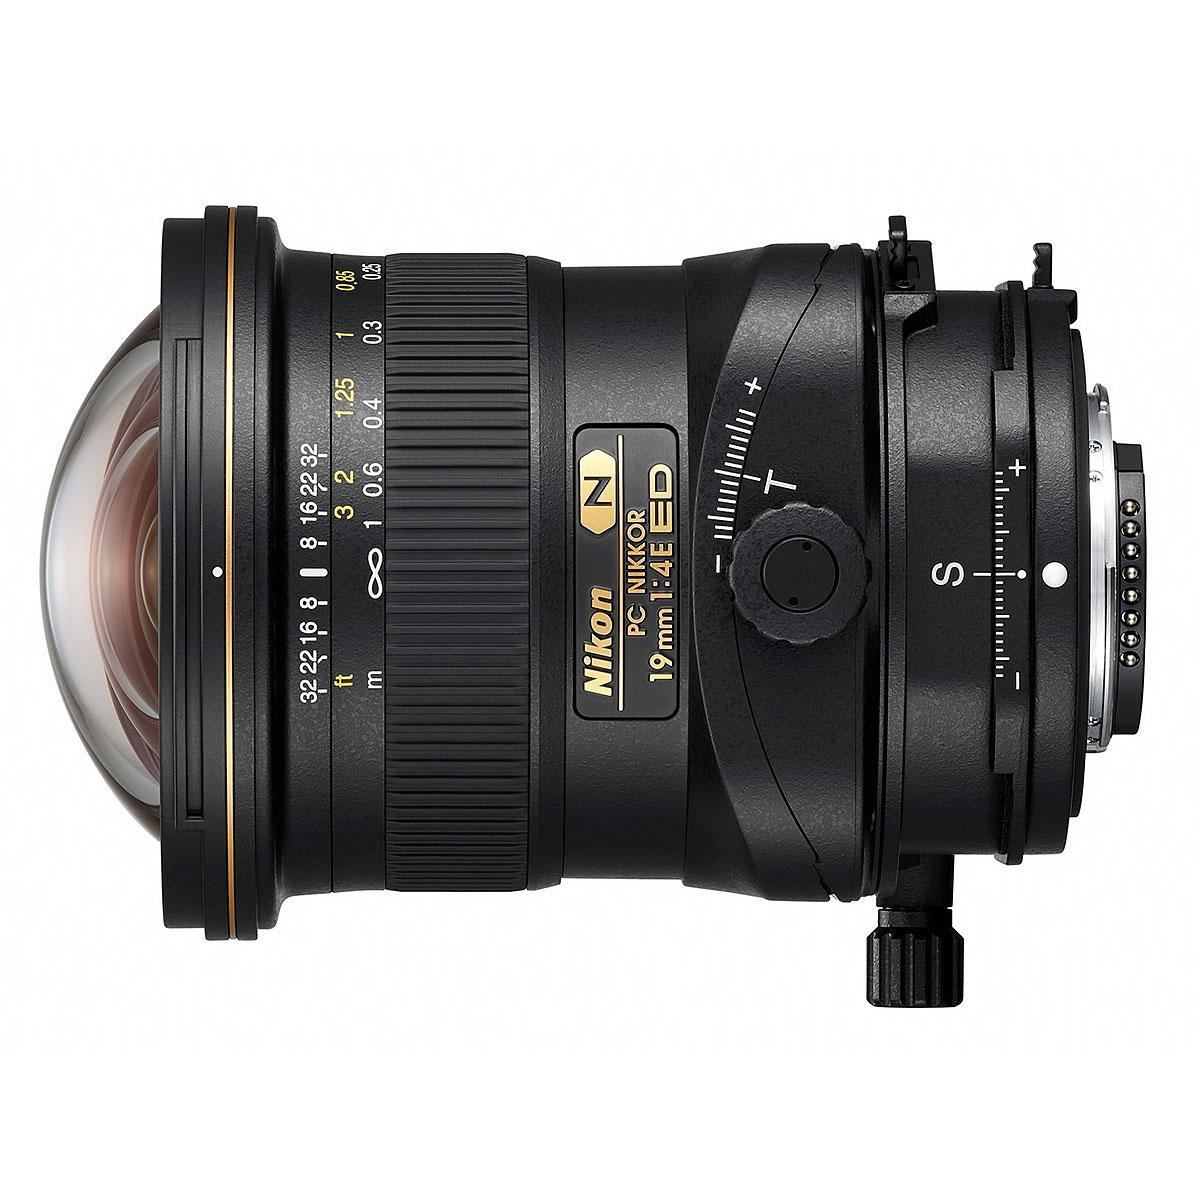 Nikon PC Nikkor 19mm F4E ED tilt-shift